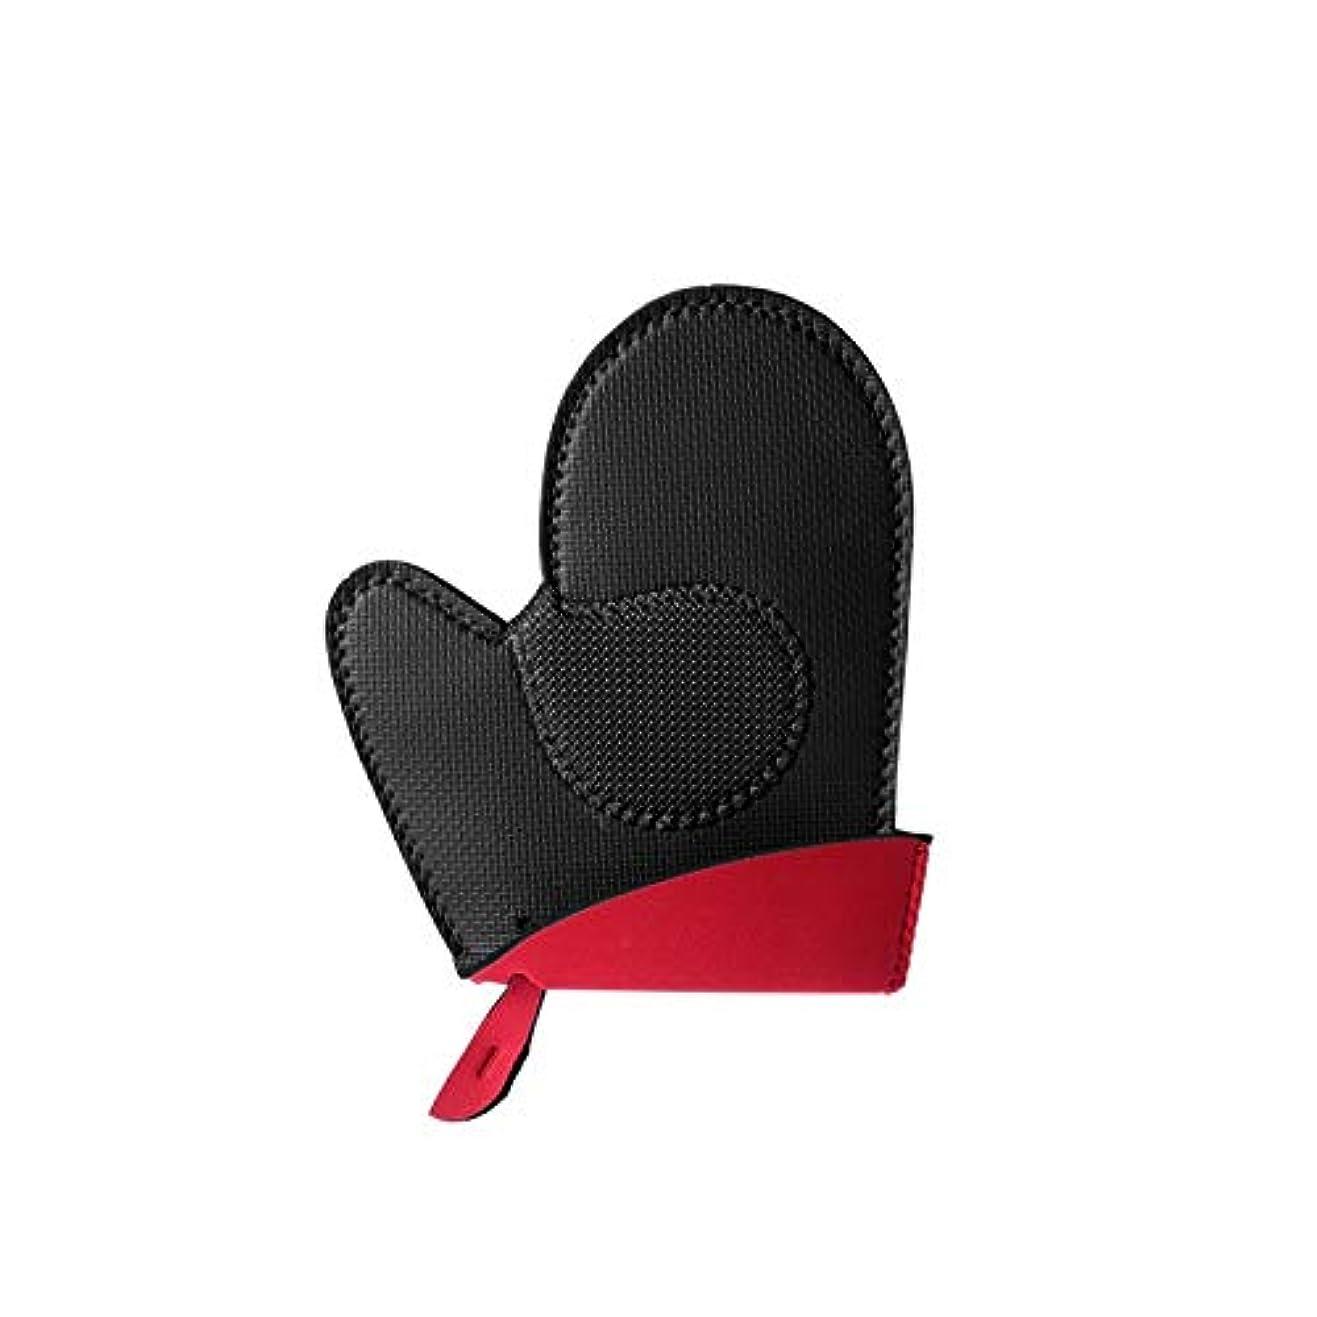 筋肉の伝える巨大キャンプグローブ 焼き付き防止手袋、耐摩耗性シリコーンおよび綿で絶縁された電子レンジ、高温ベーキング、焼き付き防止手袋 耐熱グローブ (Color : Black, UnitCount : Two)